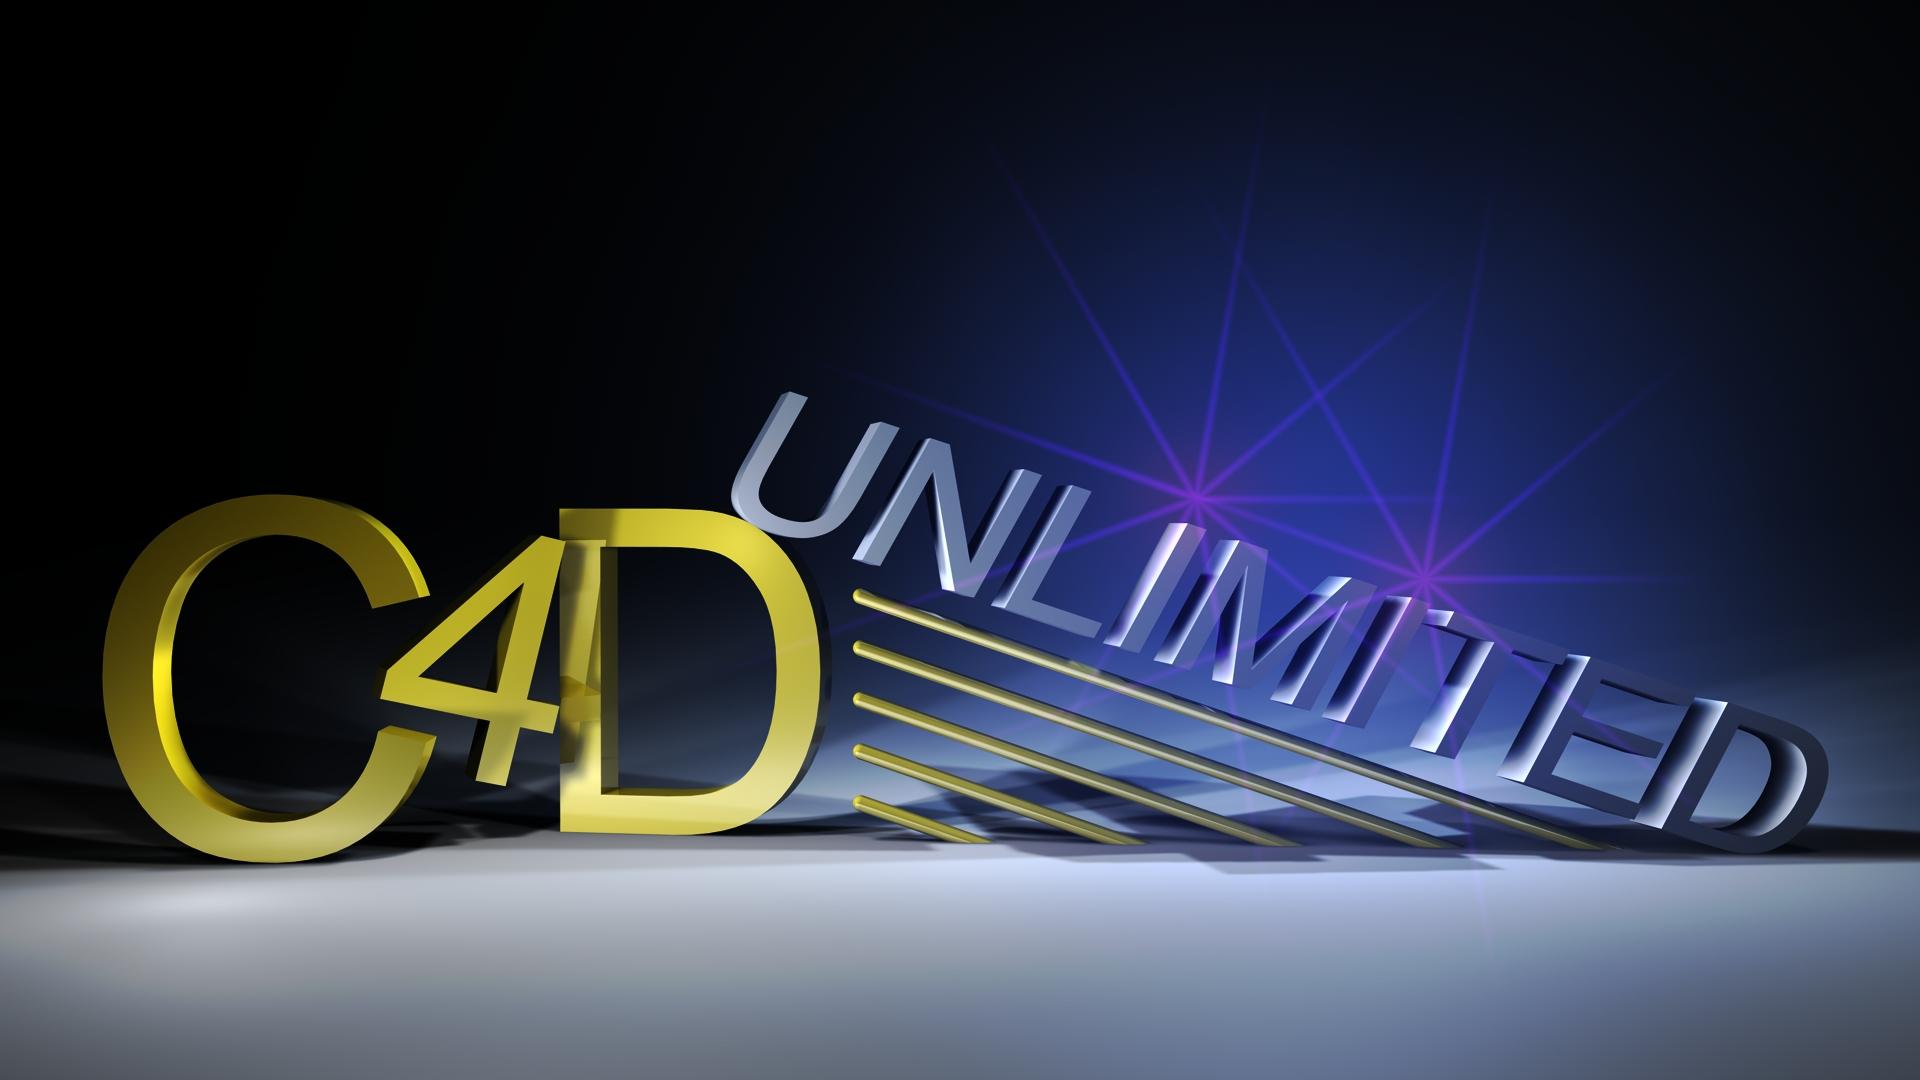 C4D Unlimited